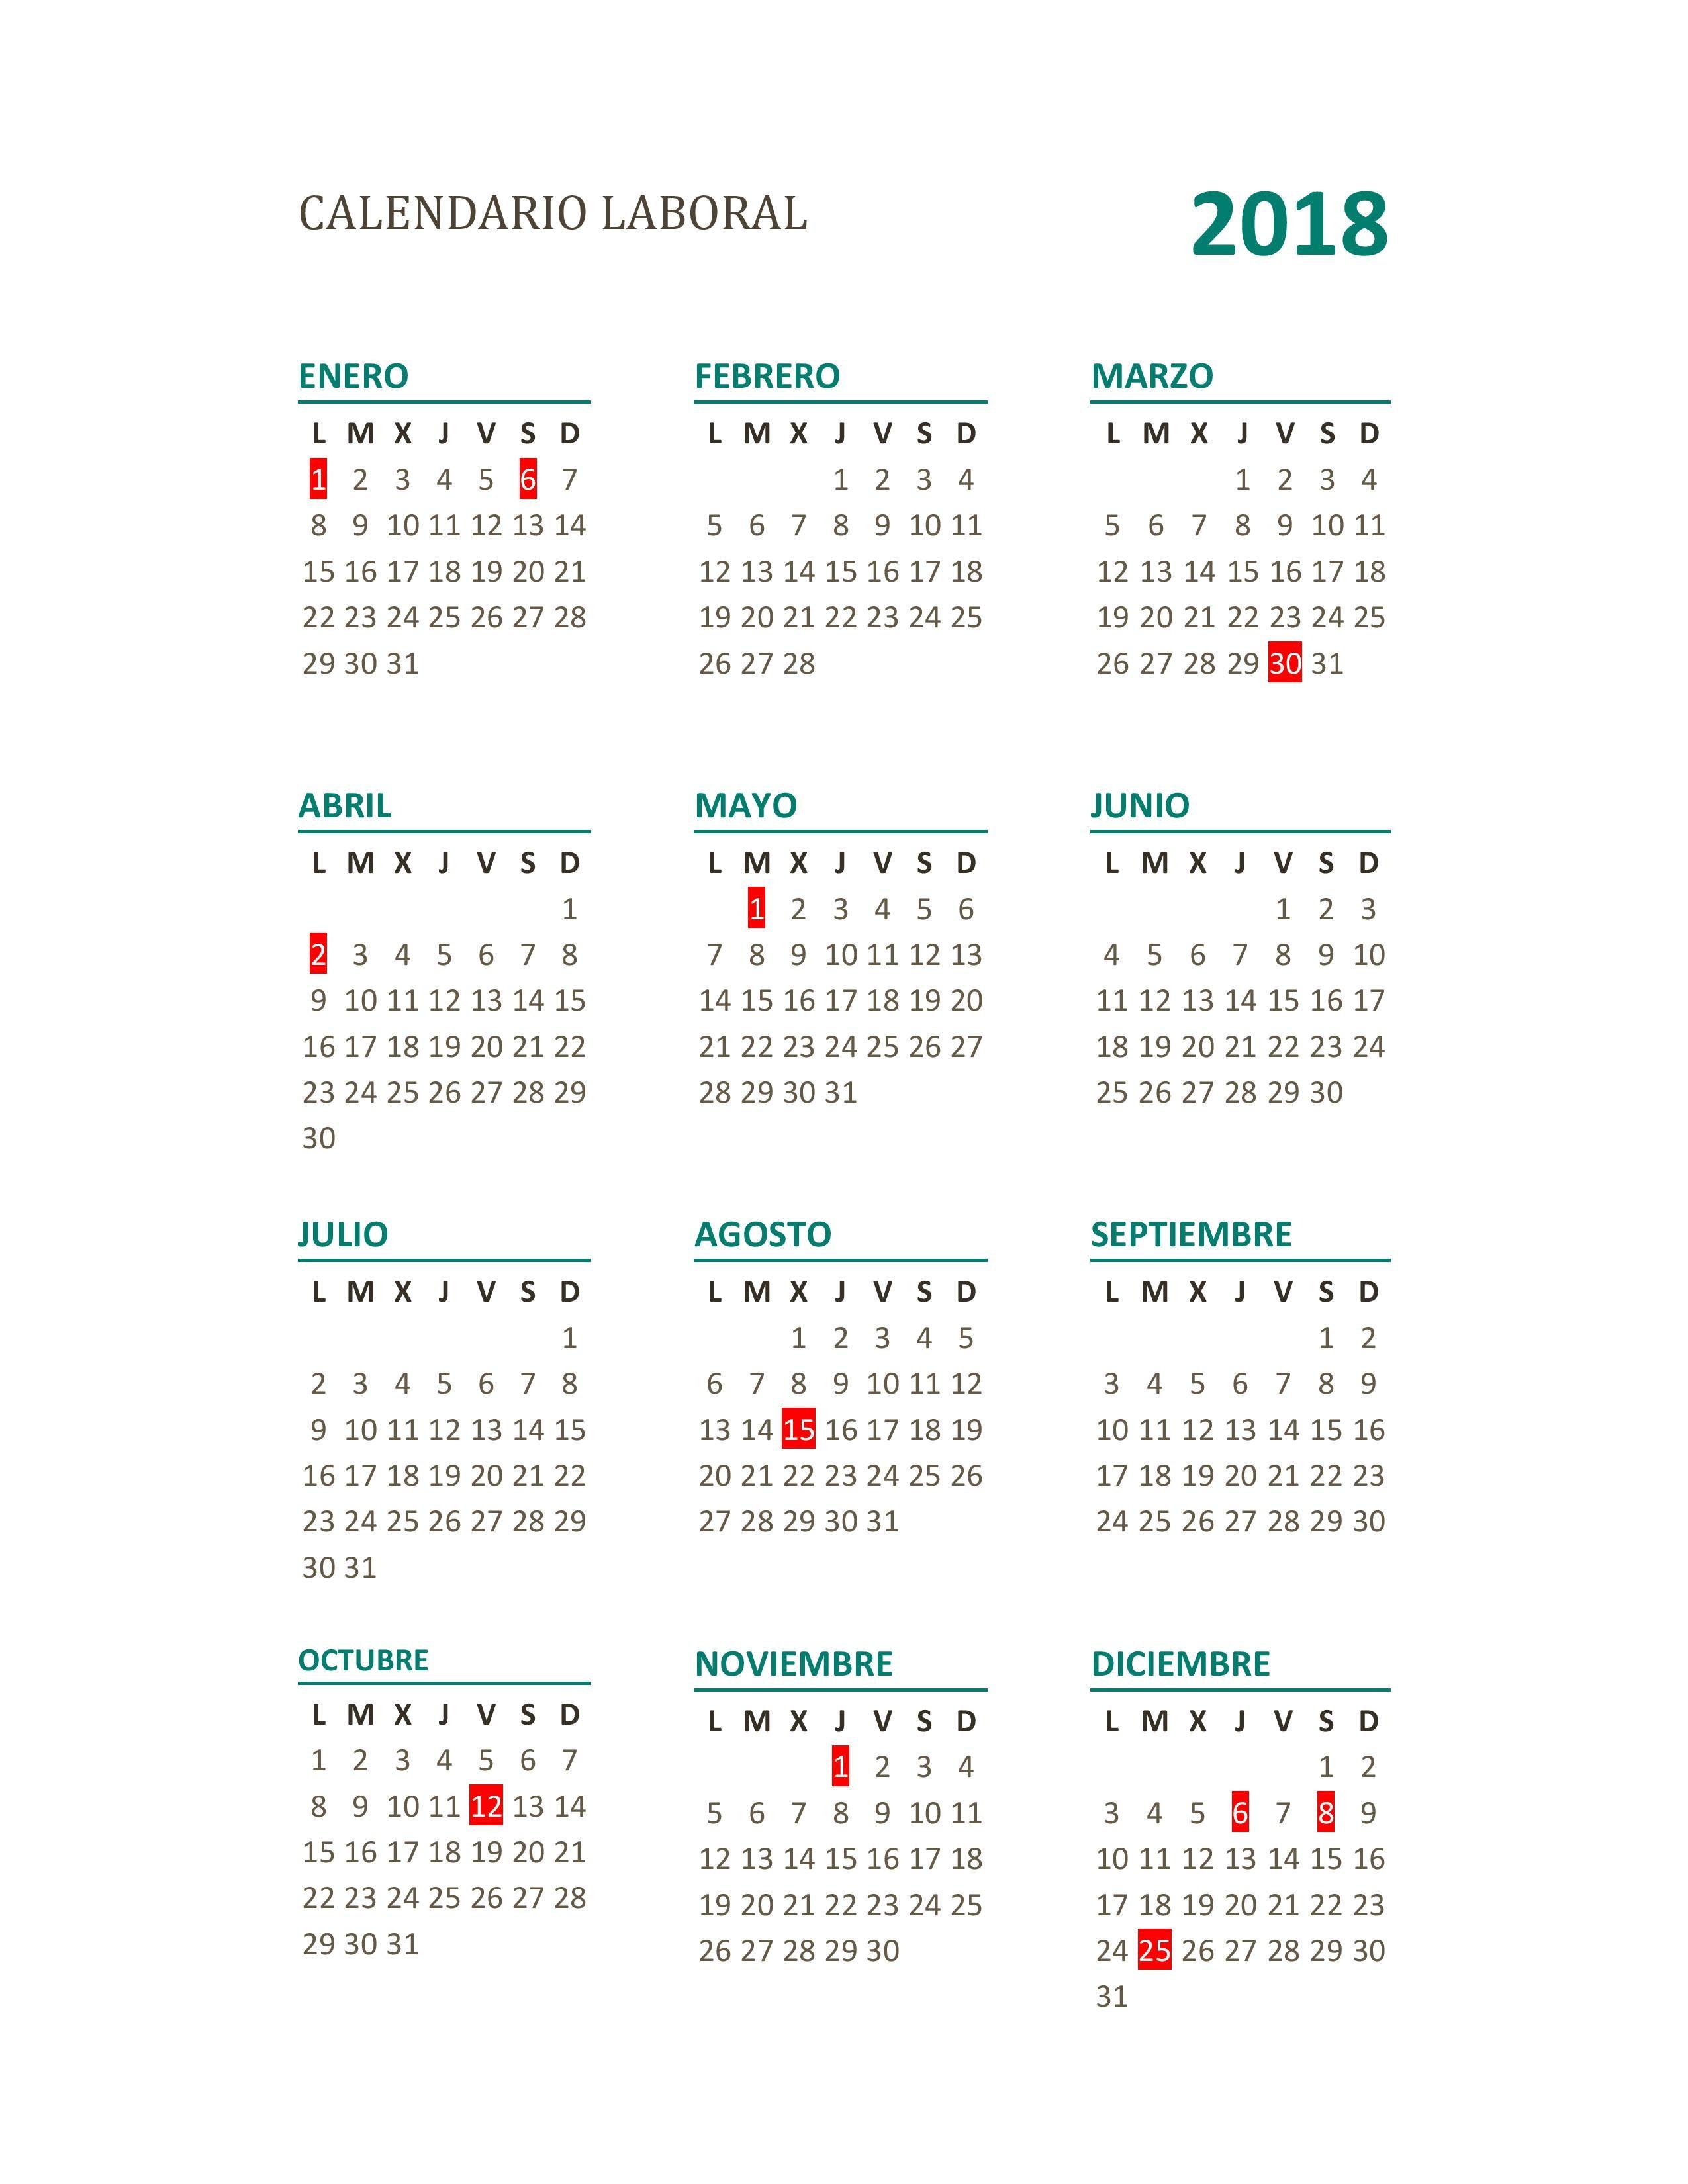 Calendario Imprimir 2017 Agosto Mejores Y Más Novedosos Calendario Laboral 2018 Más De 200 Plantillas Para Imprimir Y Descargar Of Calendario Imprimir 2017 Agosto Más Recientes Calendario Académico Ug 2018 – 2019 – Universidad De Guayaquil